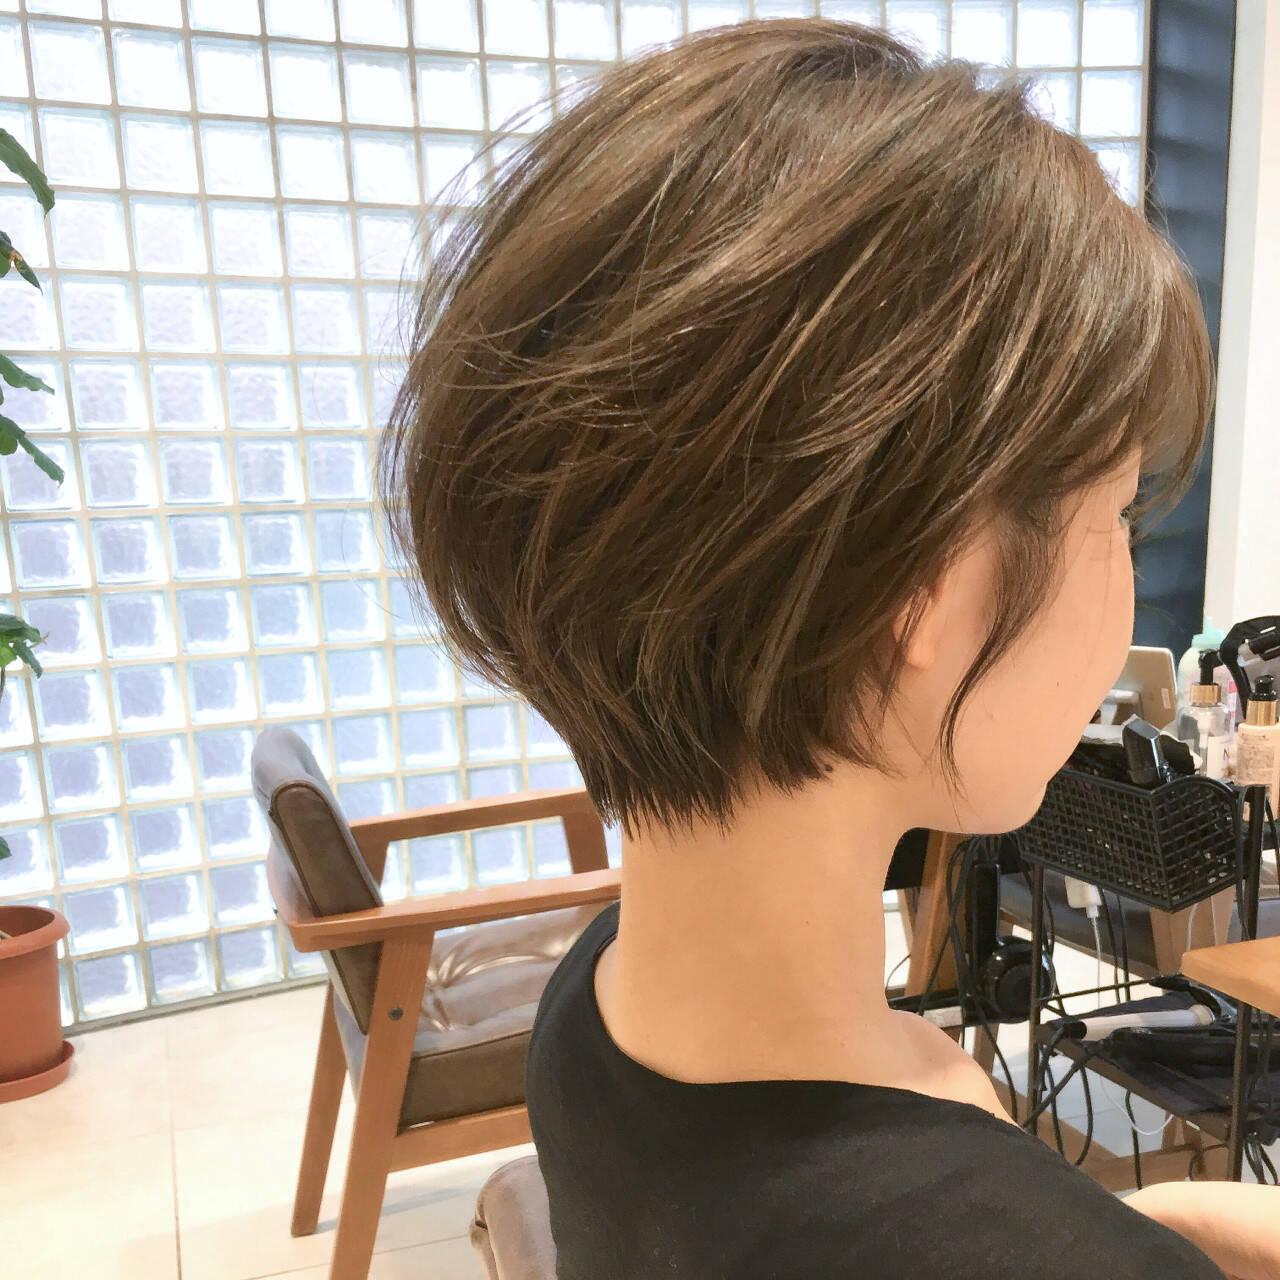 オフィス ナチュラル ショート スポーツヘアスタイルや髪型の写真・画像